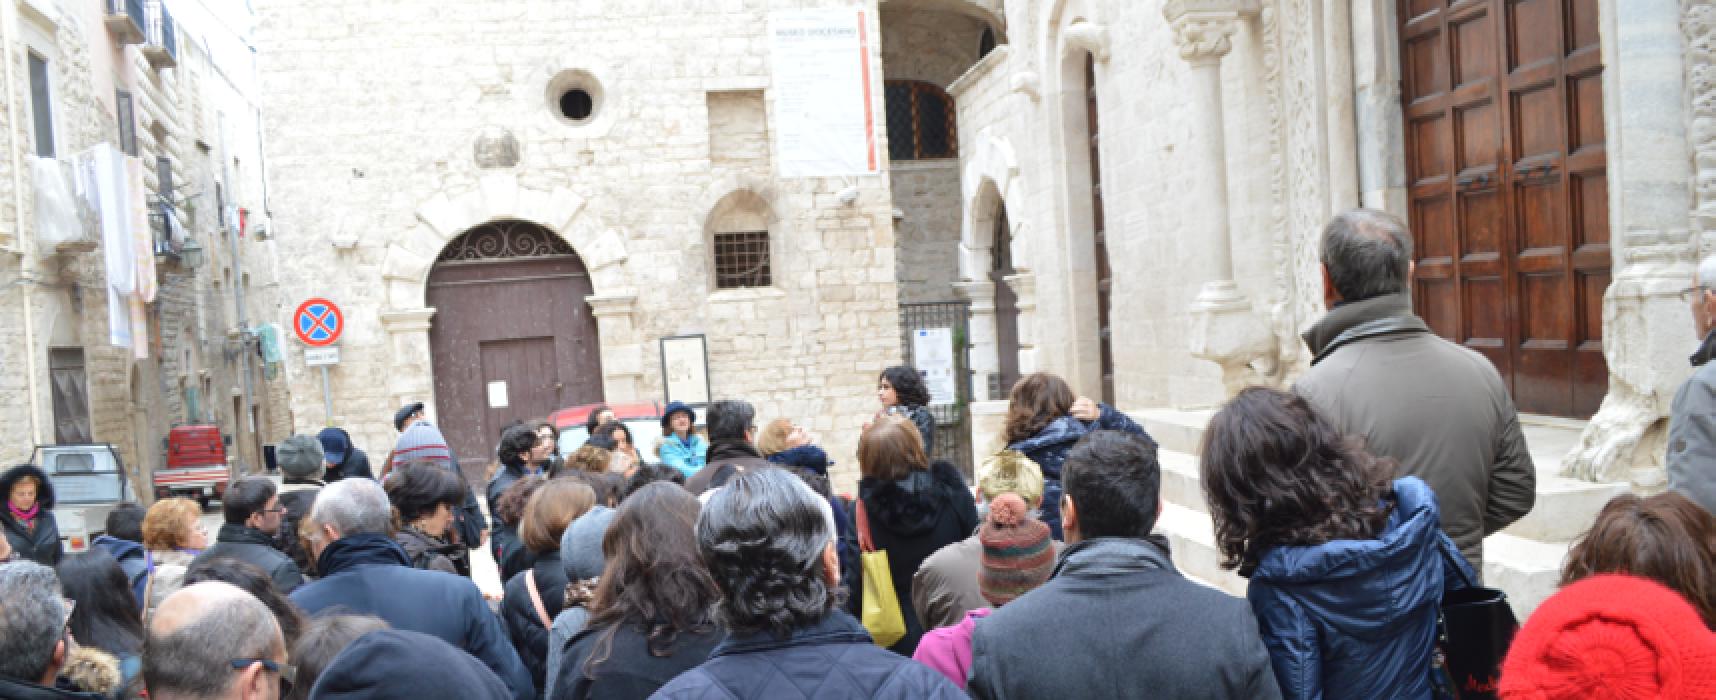 Pro Loco Bisceglie, sabato 27 ultimo appuntamento con Puglia Open Days 2014